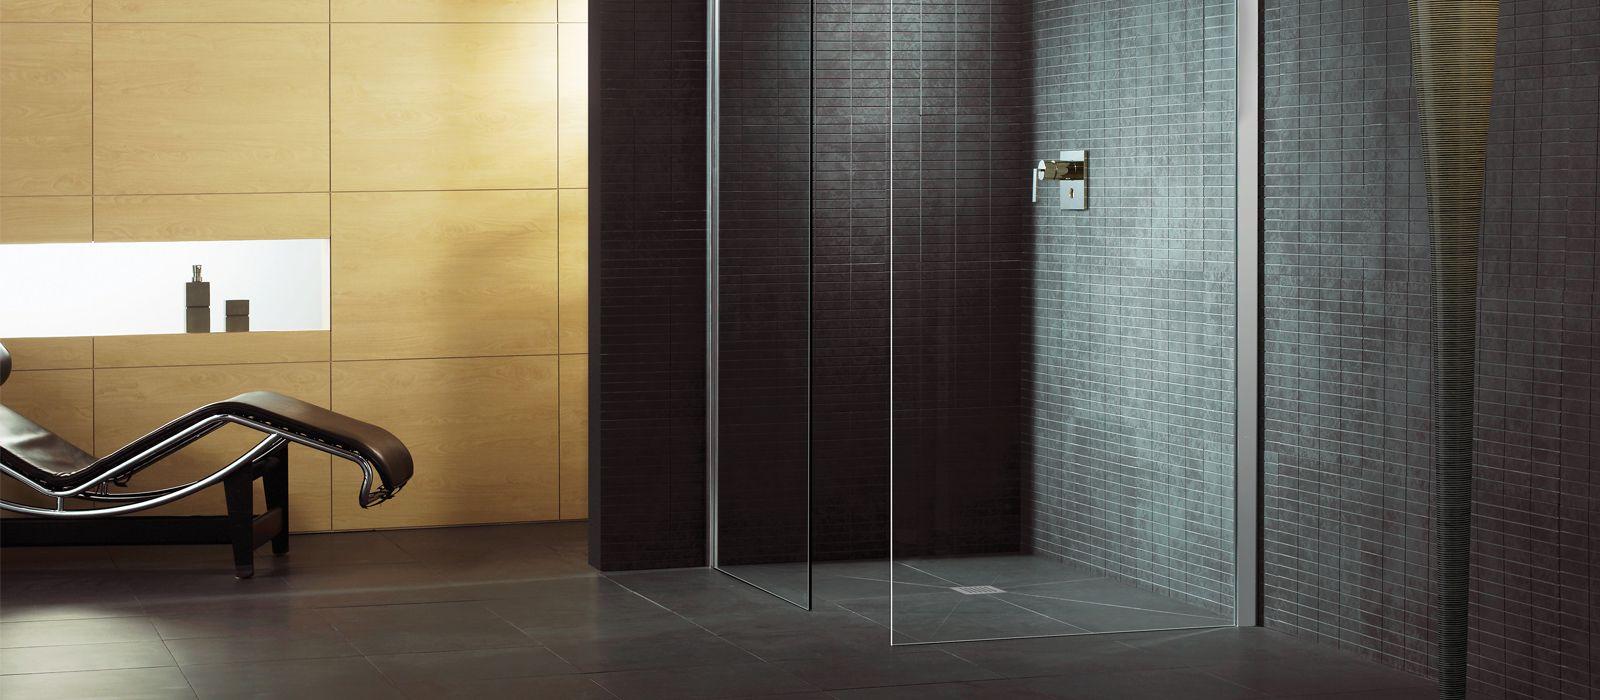 Full Size of Bodengleiche Duschen Wedide Hsk Sprinz Moderne Schulte Werksverkauf Begehbare Kaufen Dusche Fliesen Einbauen Hüppe Breuer Nachträglich Dusche Bodengleiche Duschen